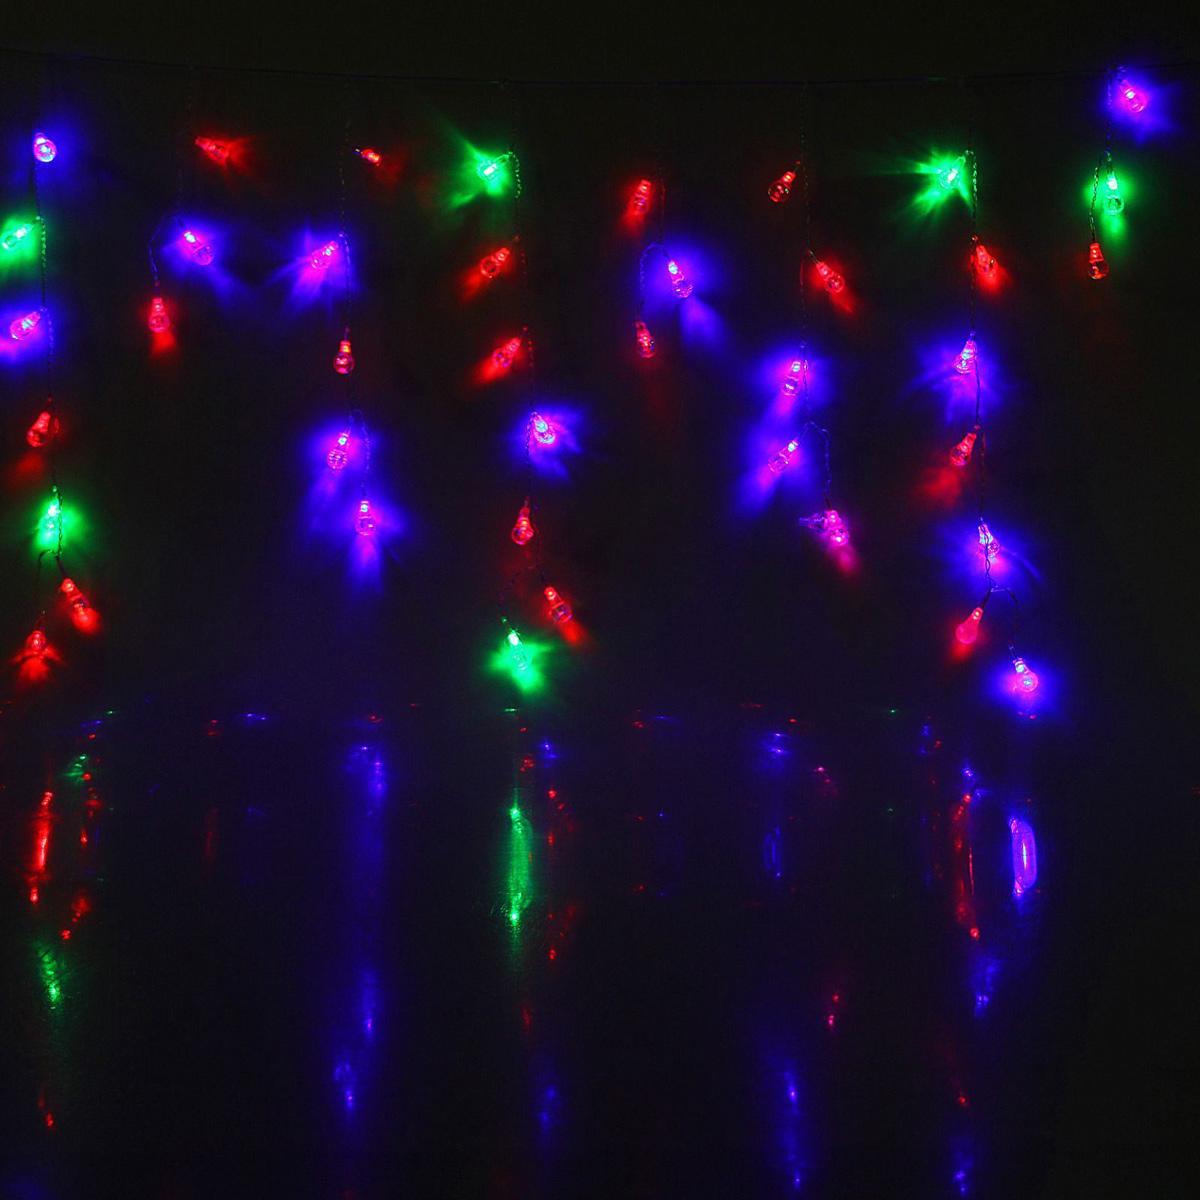 Гирлянда светодиодная Luazon Бахрома. Капля, 48 ламп, 220 V, цвет: мультиколор, 1,4 х 0,3 м. 10804431080443Светодиодные гирлянды, ленты и т.д — это отличный вариант для новогоднего оформления интерьера или фасада. С их помощью помещение любого размера можно превратить в праздничный зал, а внешние элементы зданий, украшенные ими, мгновенно станут напоминать очертания сказочного дворца. Такие украшения создают ауру предвкушения чуда. Деревья, фасады, витрины, окна и арки будто специально созданы, чтобы вы украсили их светящимися нитями.